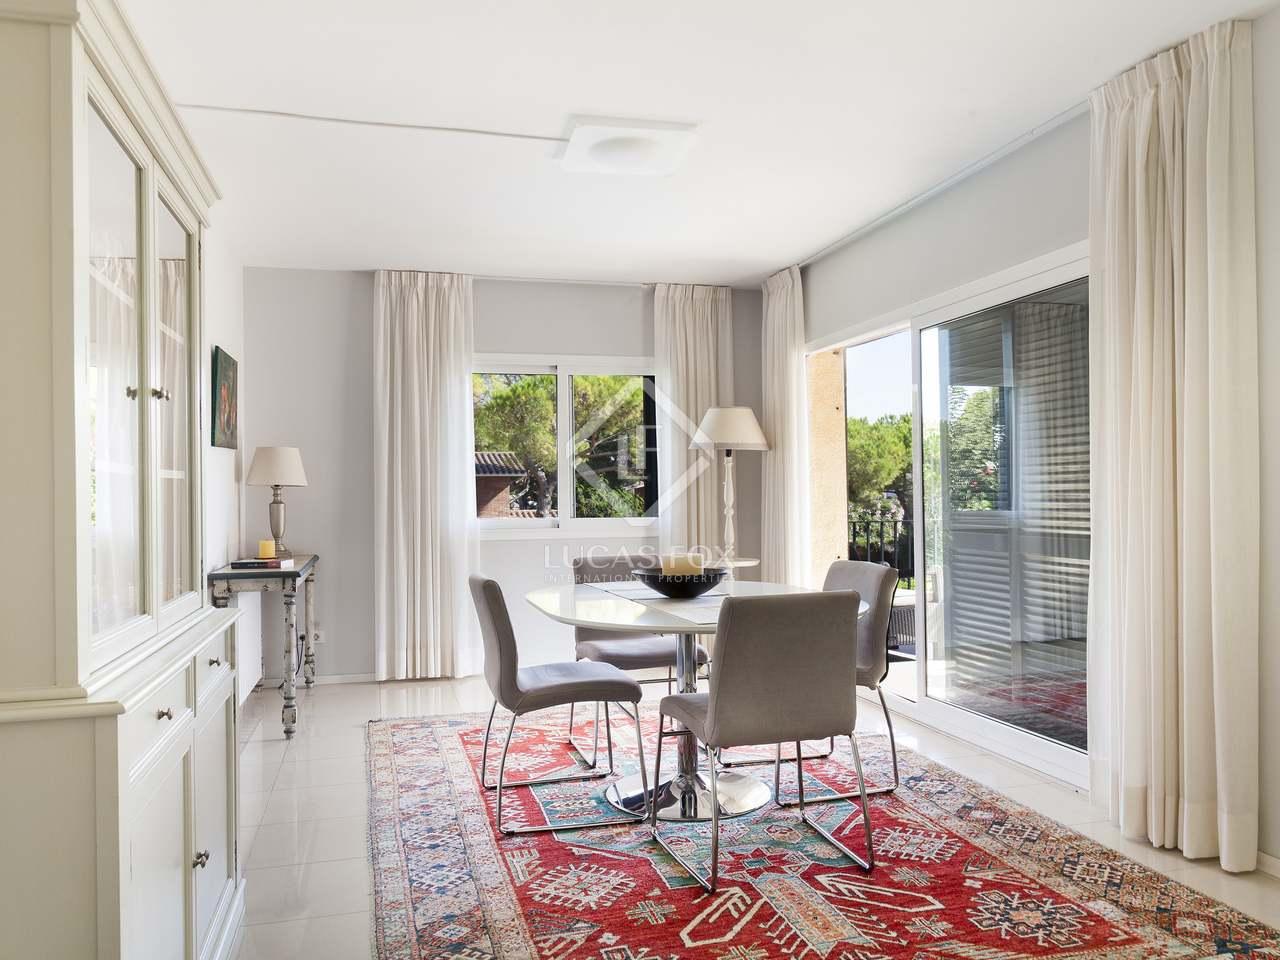 120m wohnung mit 14m terrasse zum verkauf in terramar. Black Bedroom Furniture Sets. Home Design Ideas